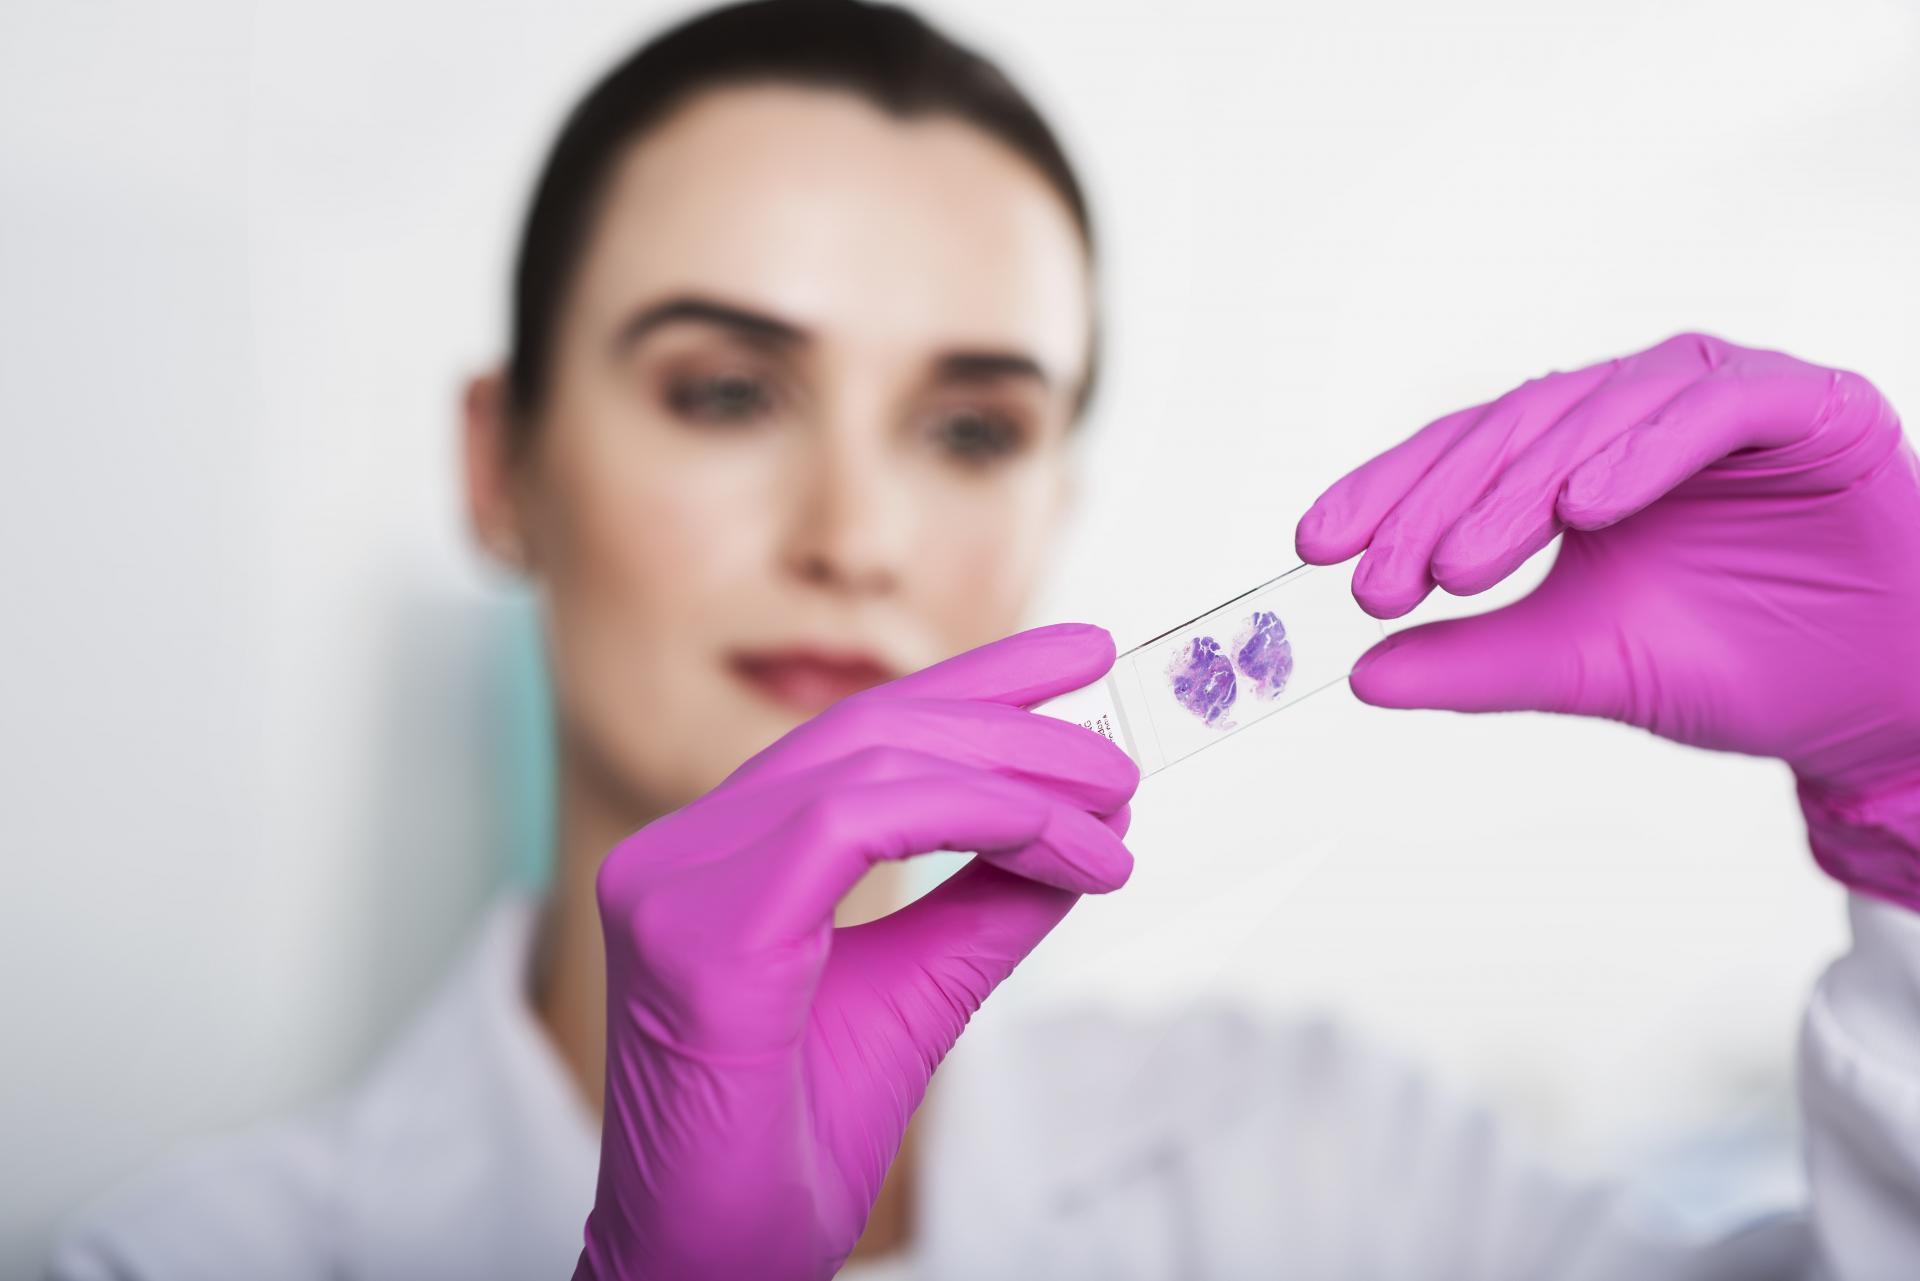 Estudo imuno-histoquímico para BAP1 – Quando utilizar?  | Diagnósticos do Brasil